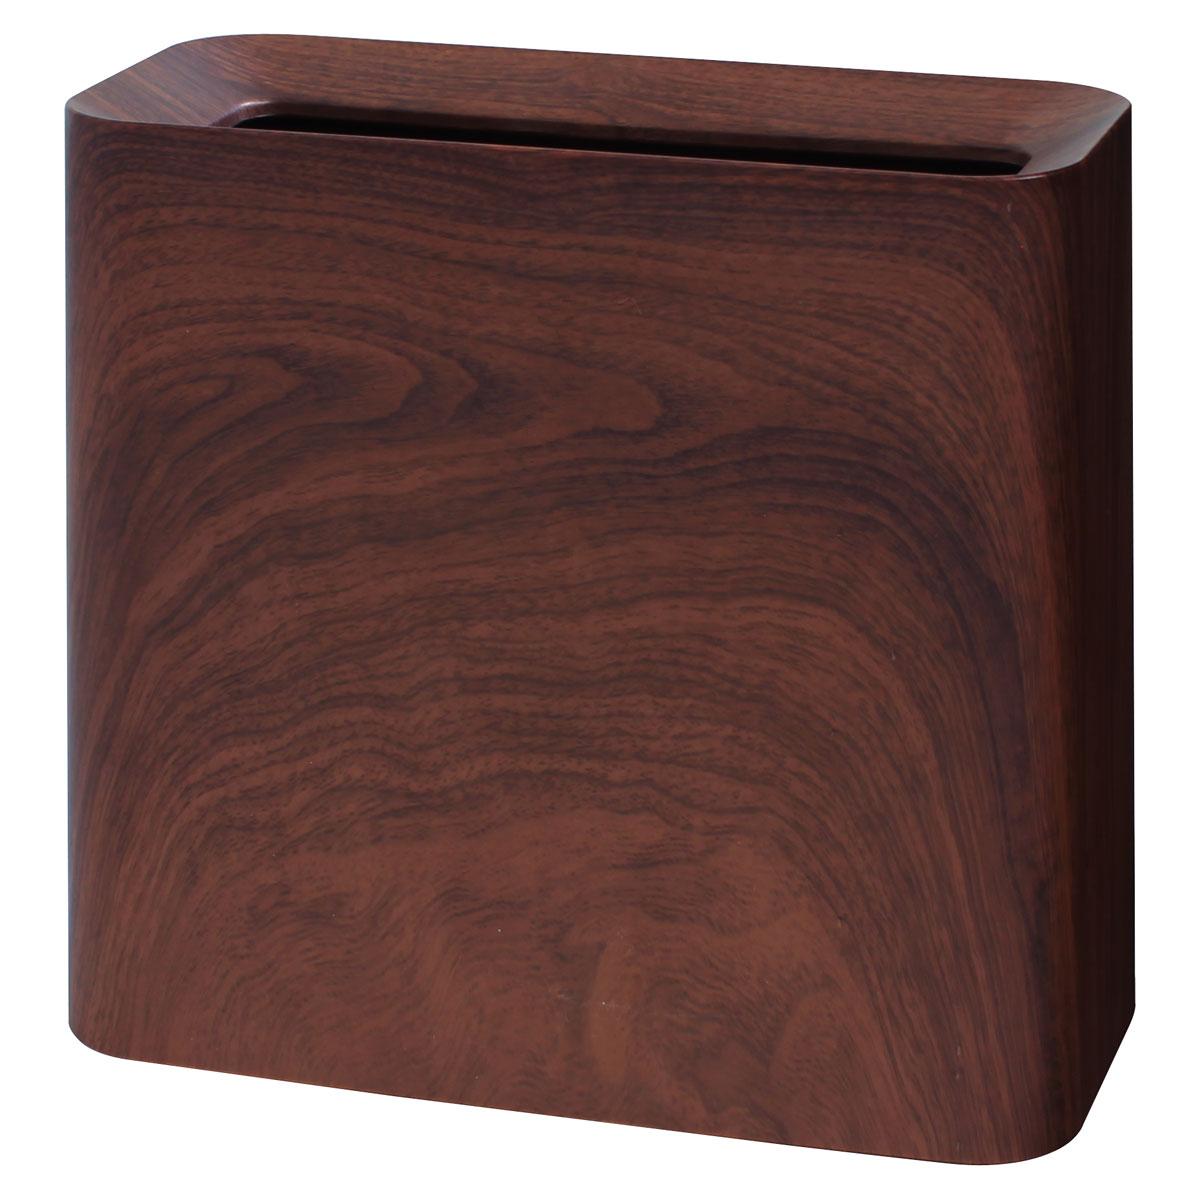 送料無料 ideacoのゴミ箱 チューブラー ハイグランデ ローズウッドがおしゃれ ゴミ箱 ideaco 売れ筋 イデアコ Hi-GRANDE ローズウッド 限定タイムセール ROSEWOOD ごみ箱 ダストボックス TUBELOR